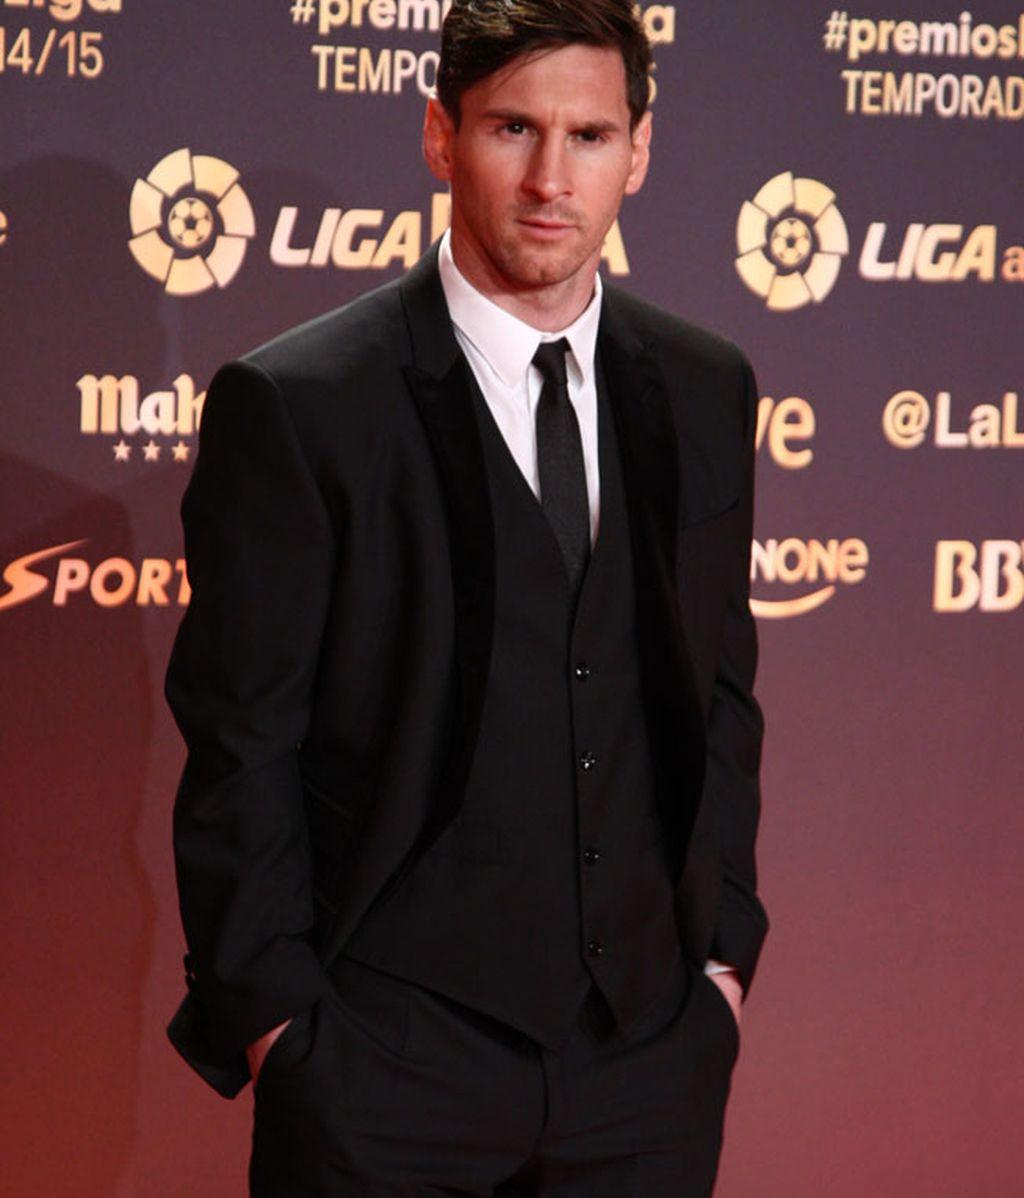 Leo Messi dedicó el premio a su hijo Thiago